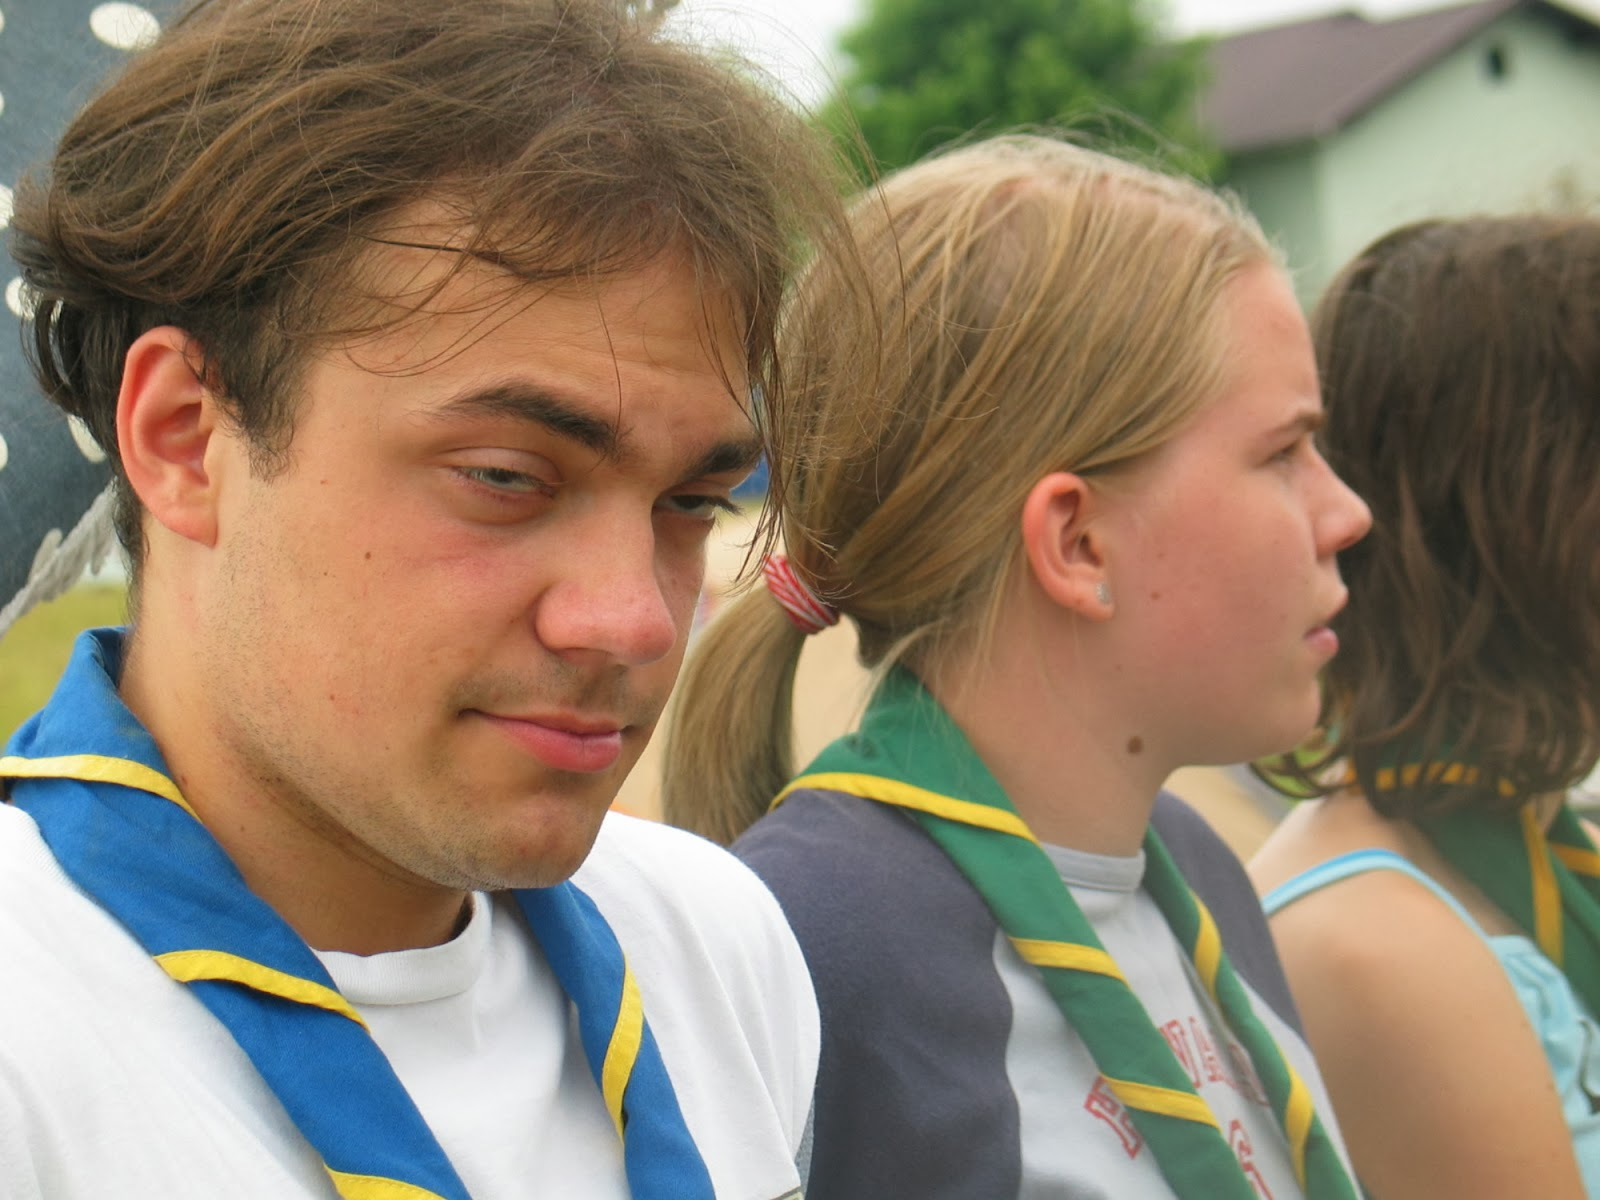 Državni mnogoboj, Slovenska Bistrica 2005 - Mnogoboj%2B2005%2B150.jpg